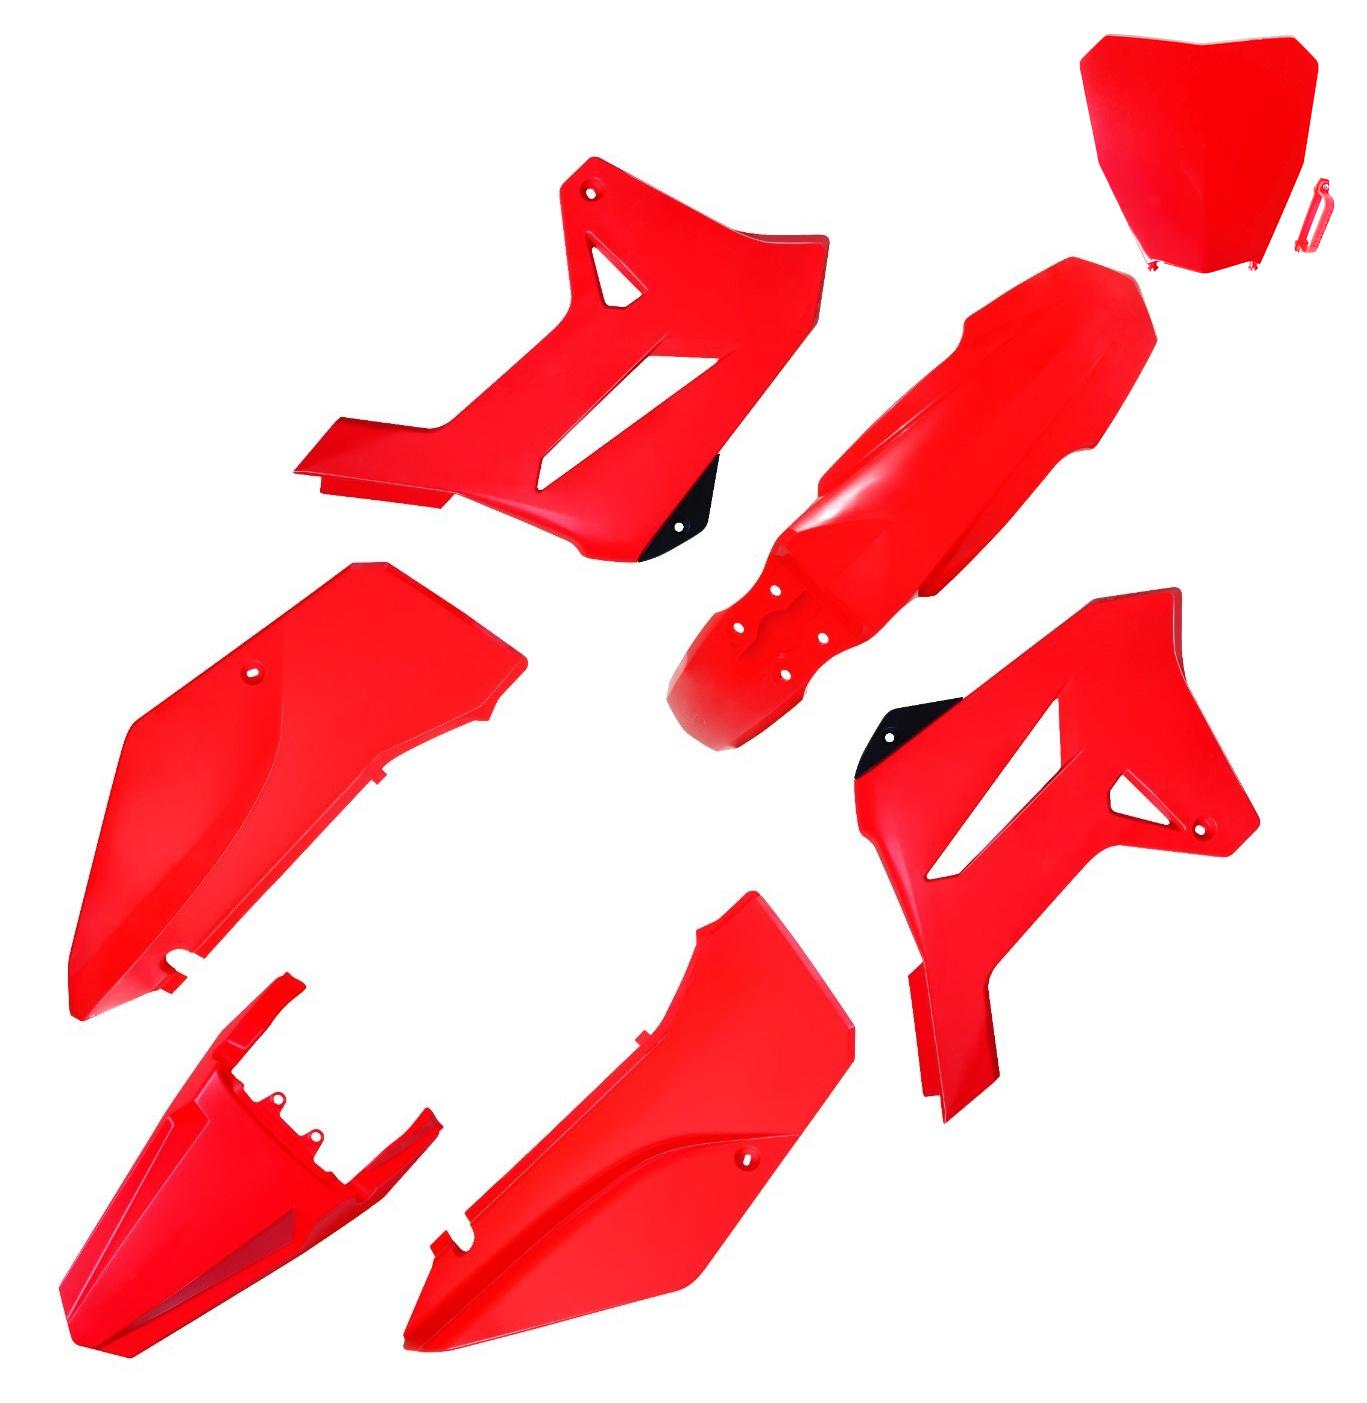 Kit Plástico Carenagem Biker R1de C/ Number Plate Next Xr 250 Tornado